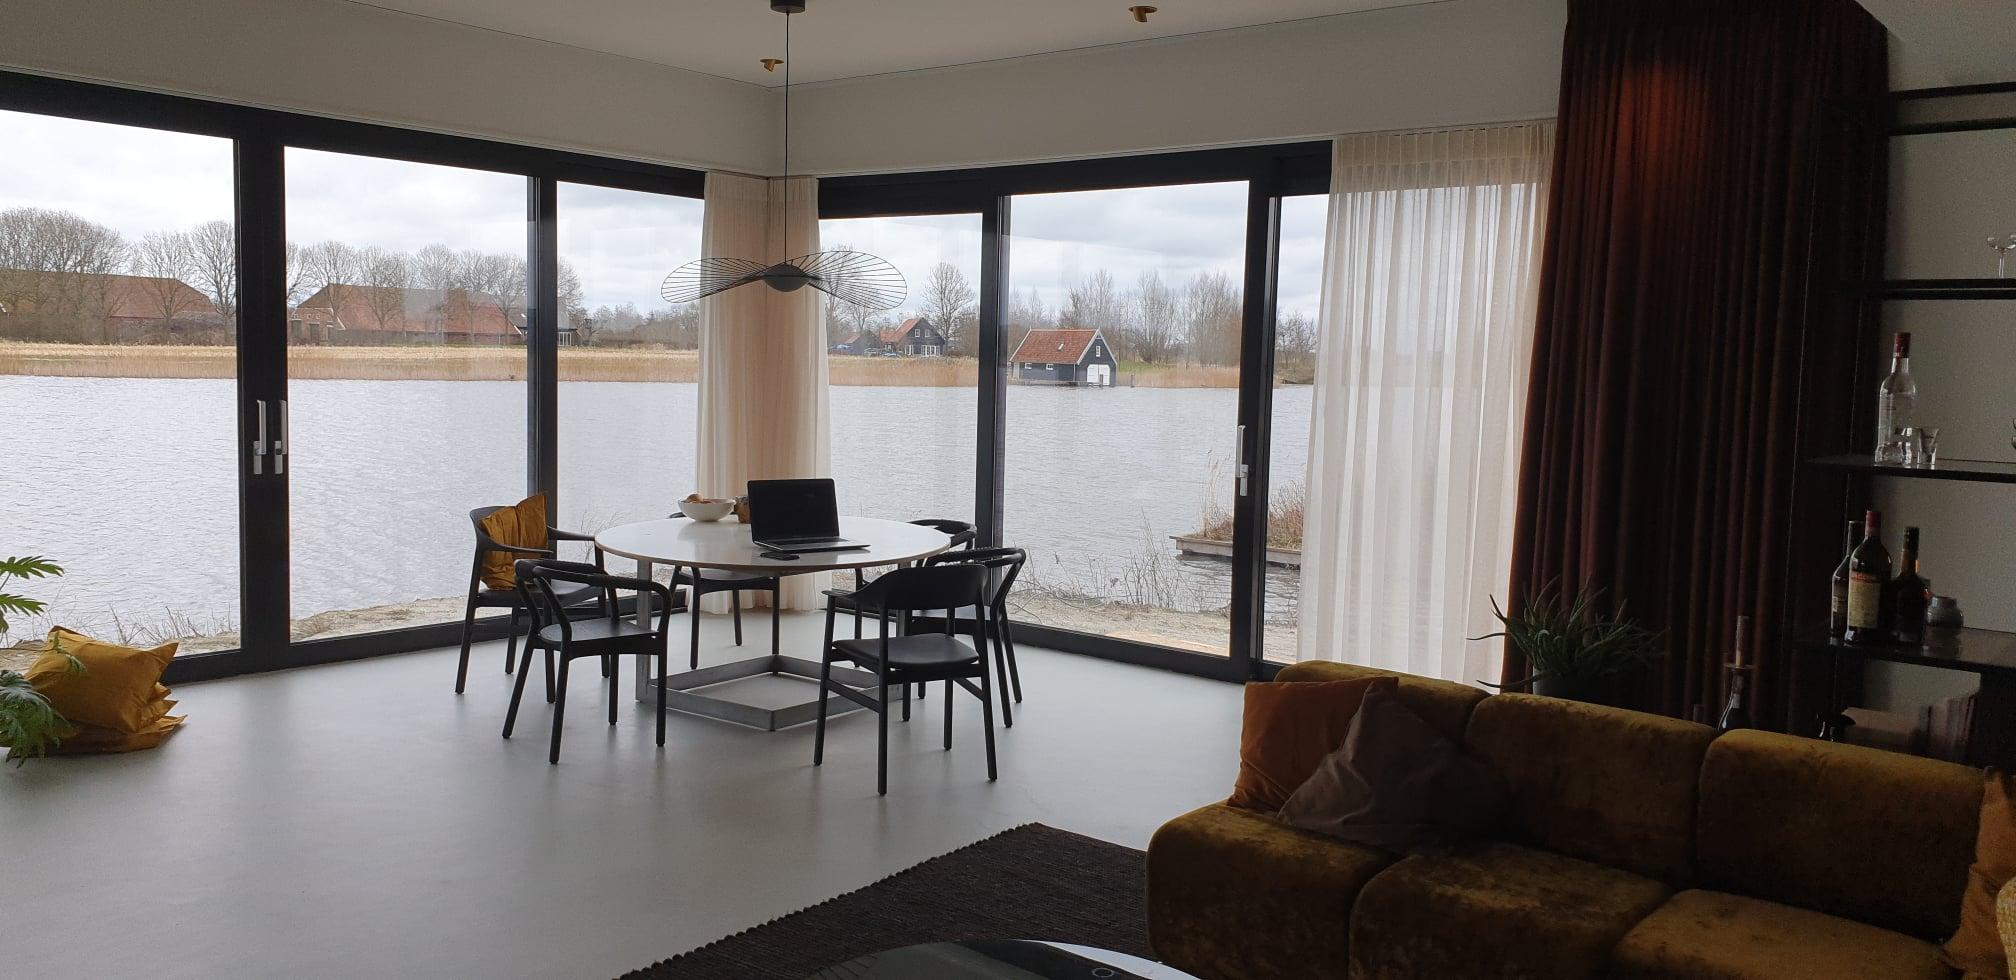 Woning in gericht voor EenOpEen architecten in Blauwe Stad Groningen.referenties smid interieur groningen